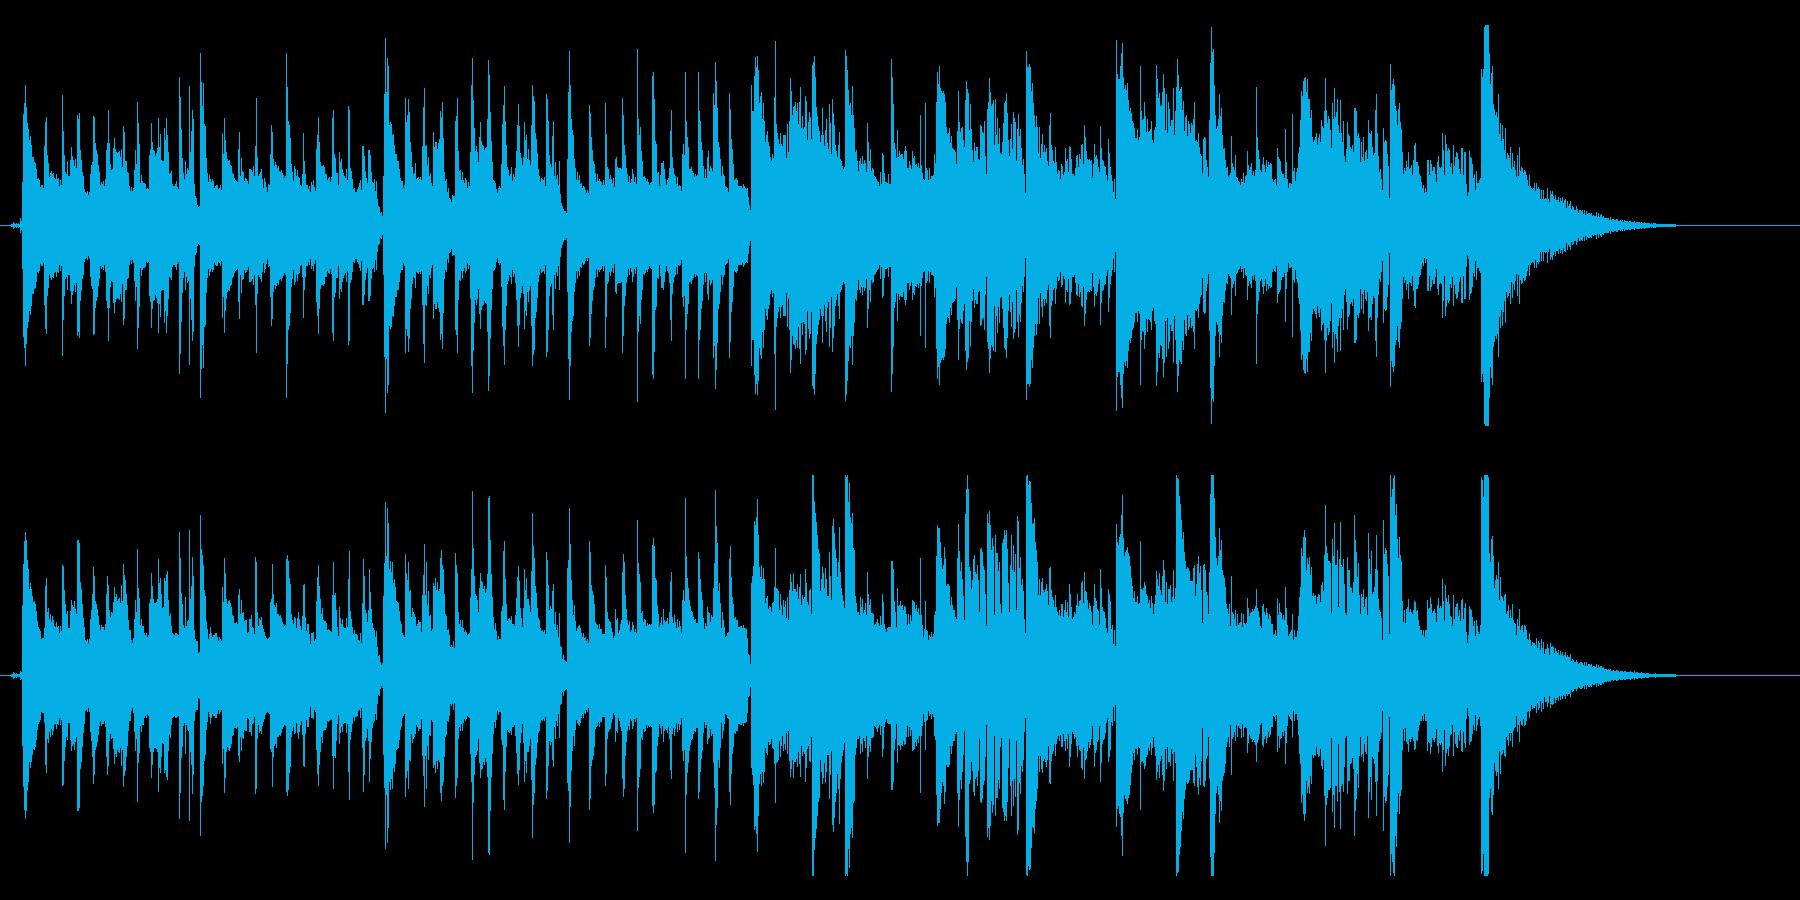 生録音マンドリンとアコギ落ち着いた雰囲気の再生済みの波形